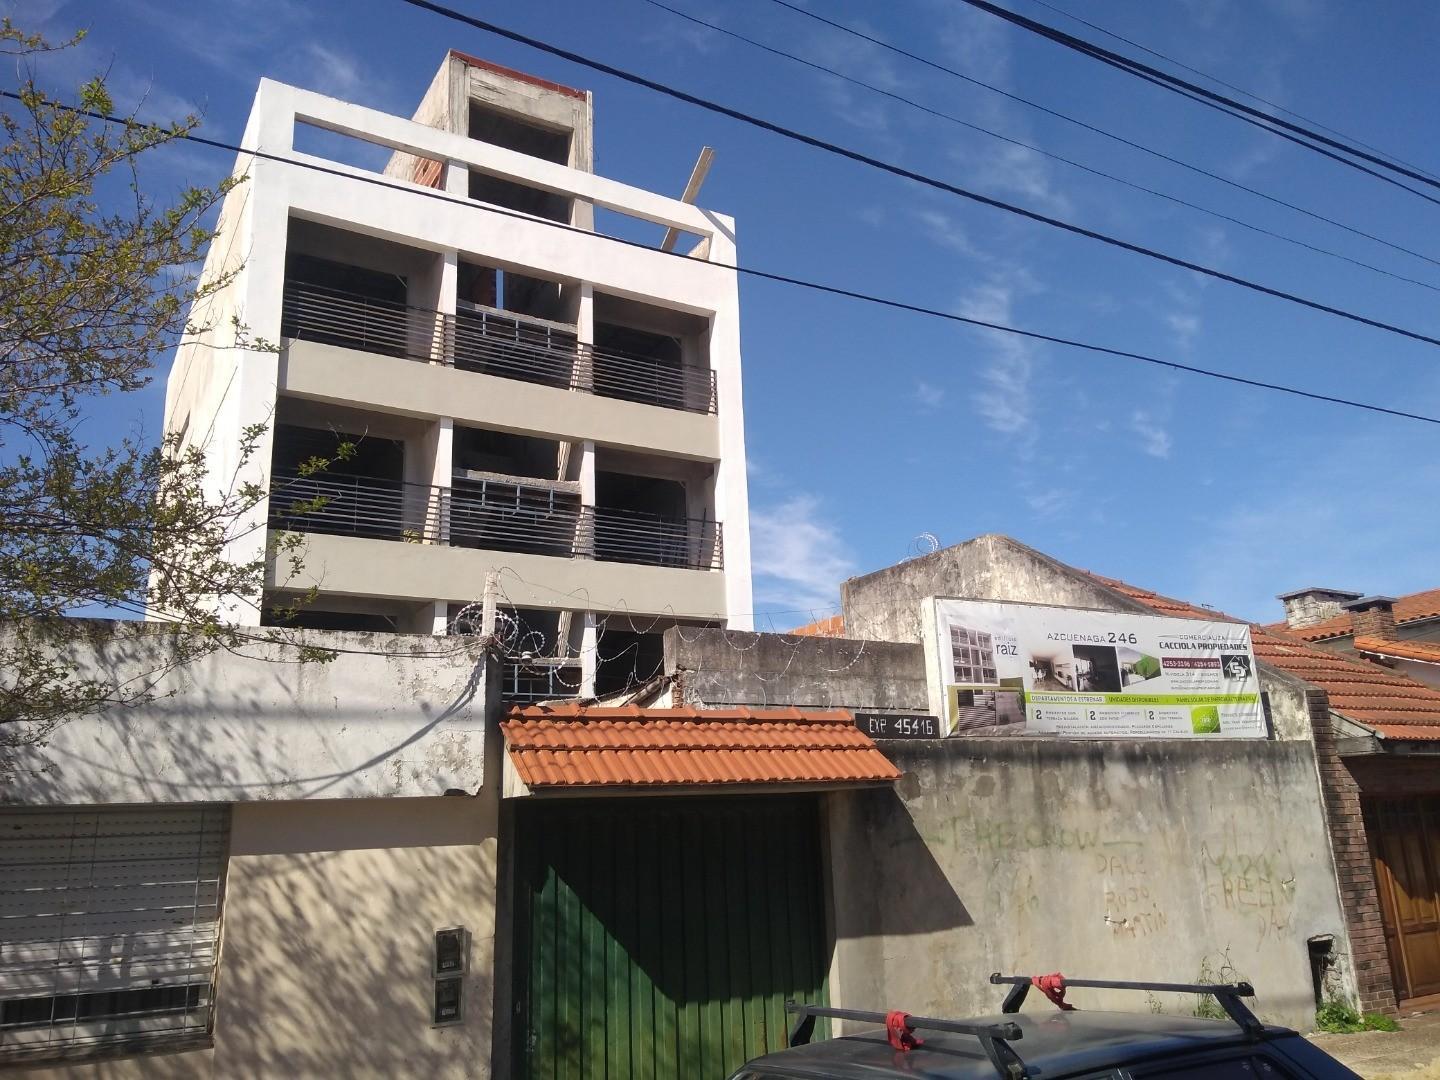 Departamento 1 ambiente + divisible con patio. EN CONSTRUCCION ANTICIPO + CUOTAS